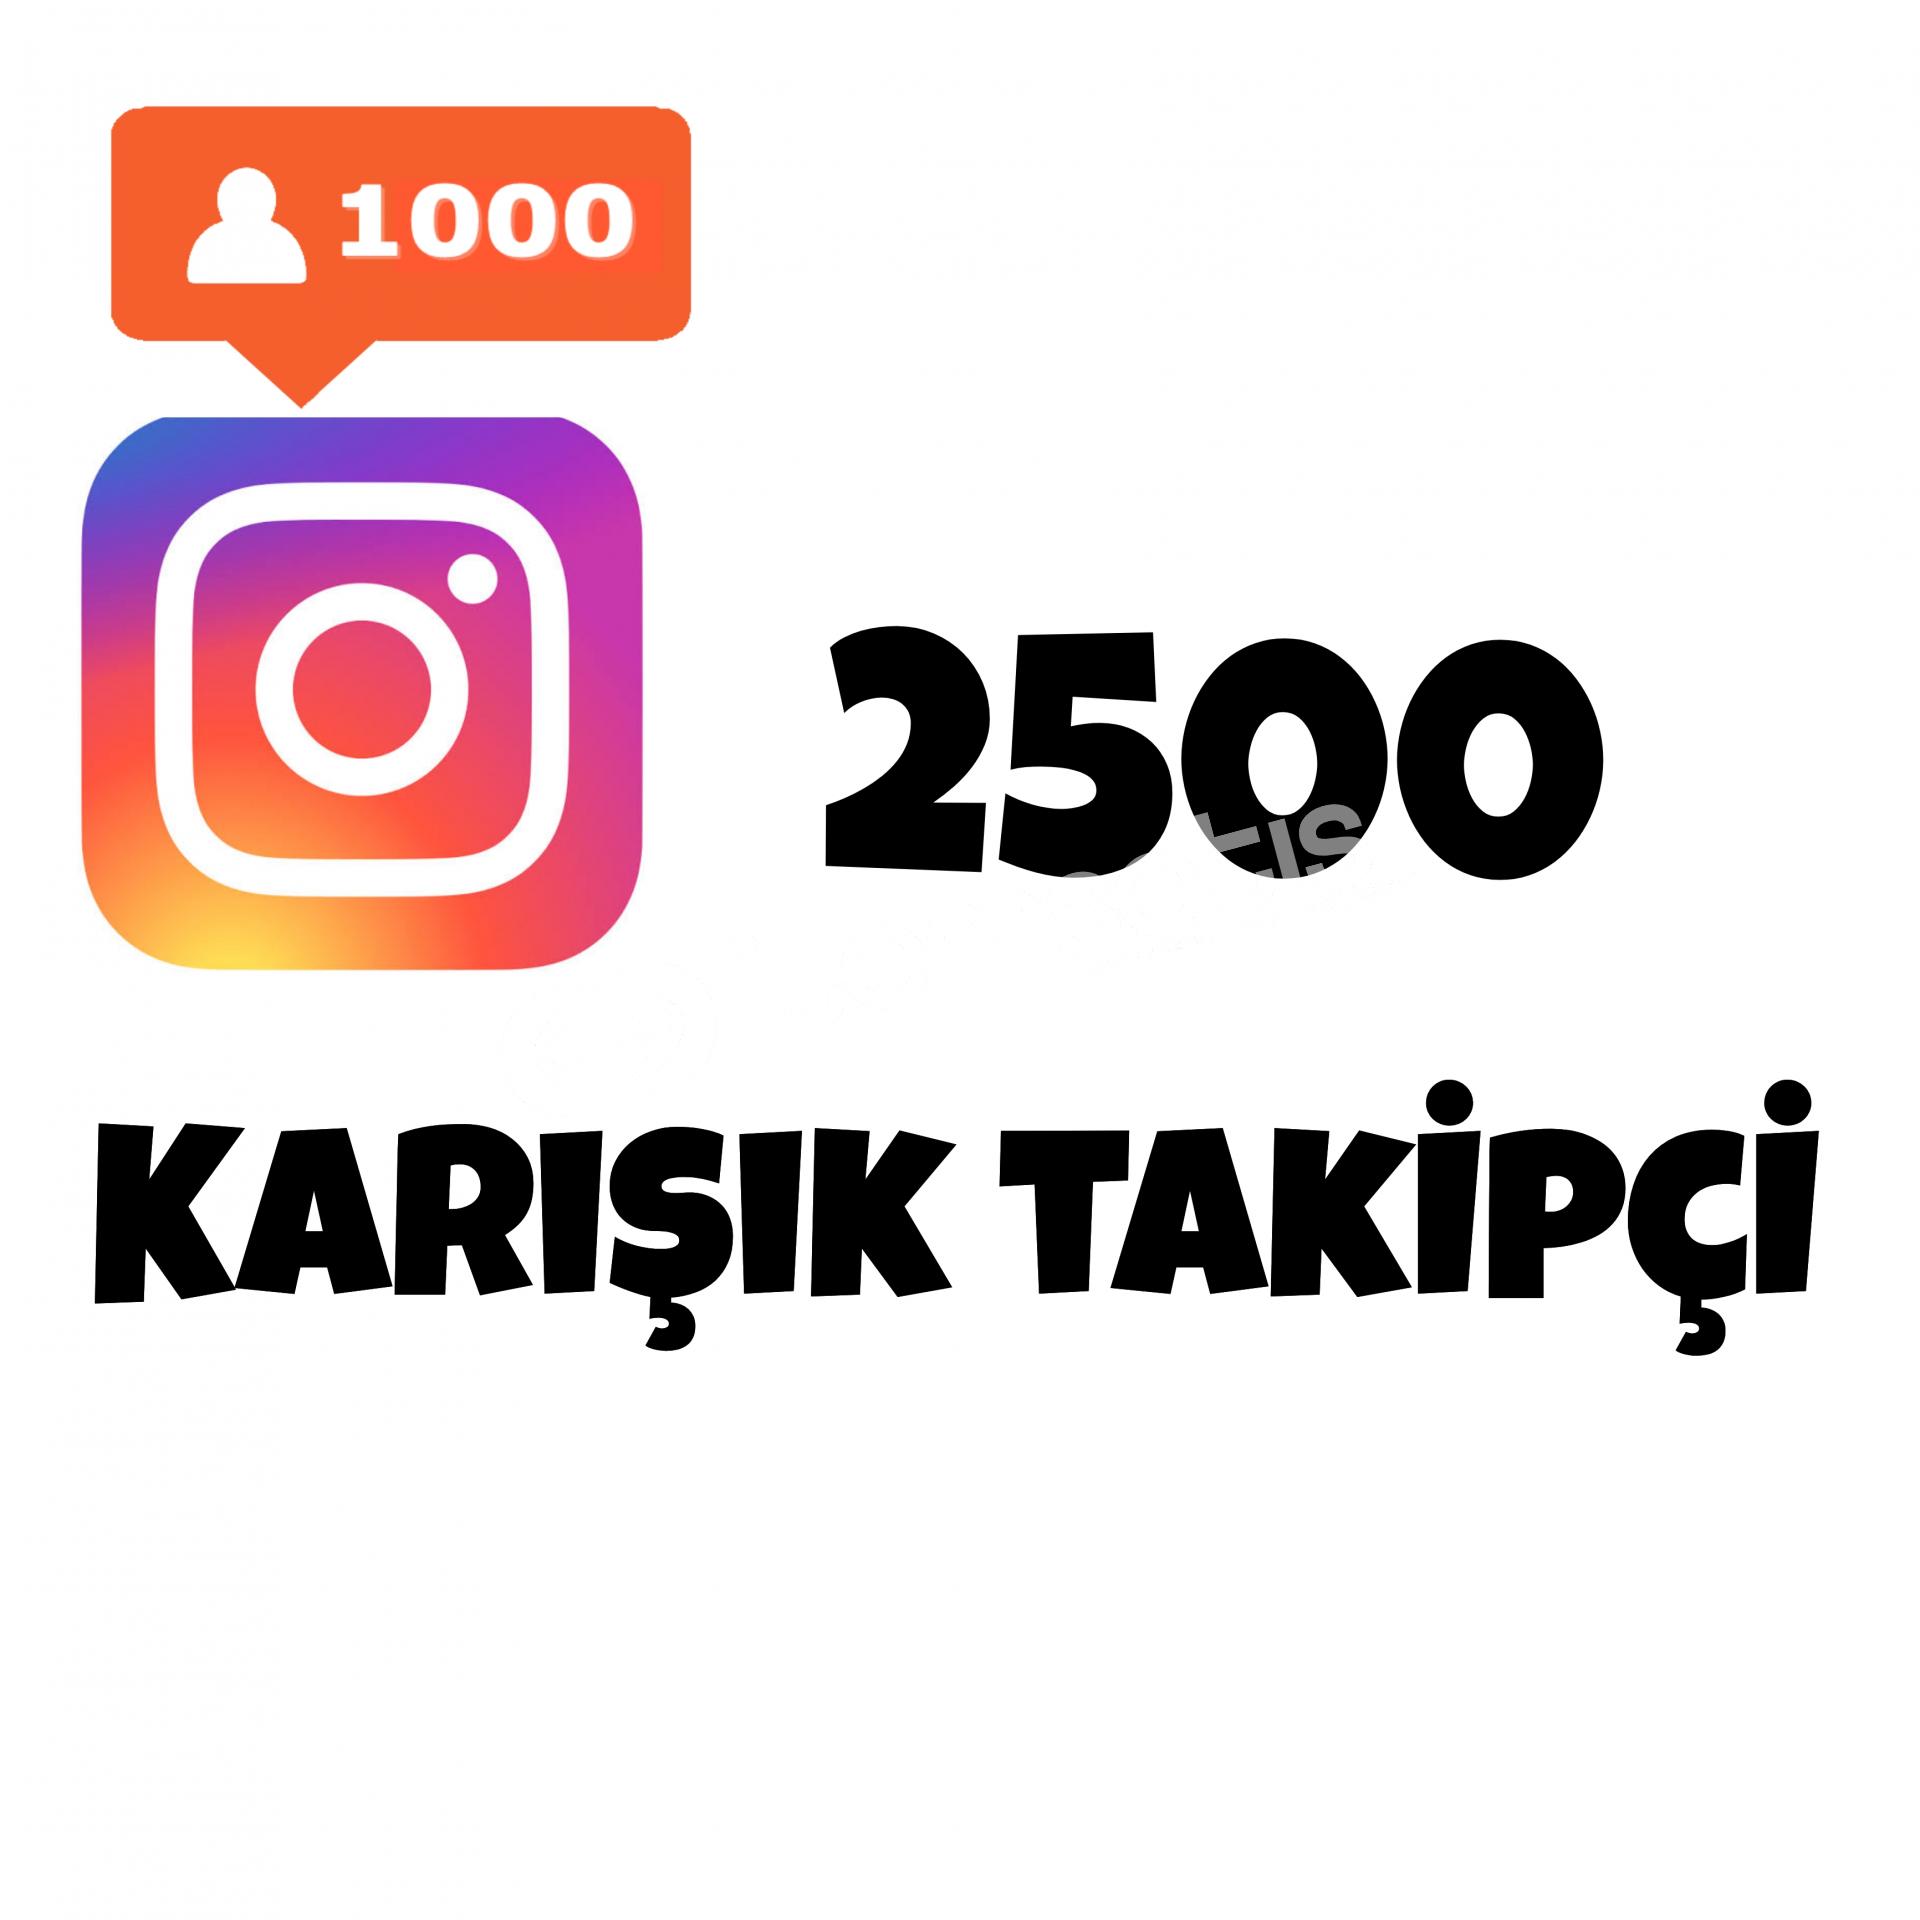 2500 KARIŞIK TAKİPÇİ İNSTAGRAM   ANLIK GÖNDERİM